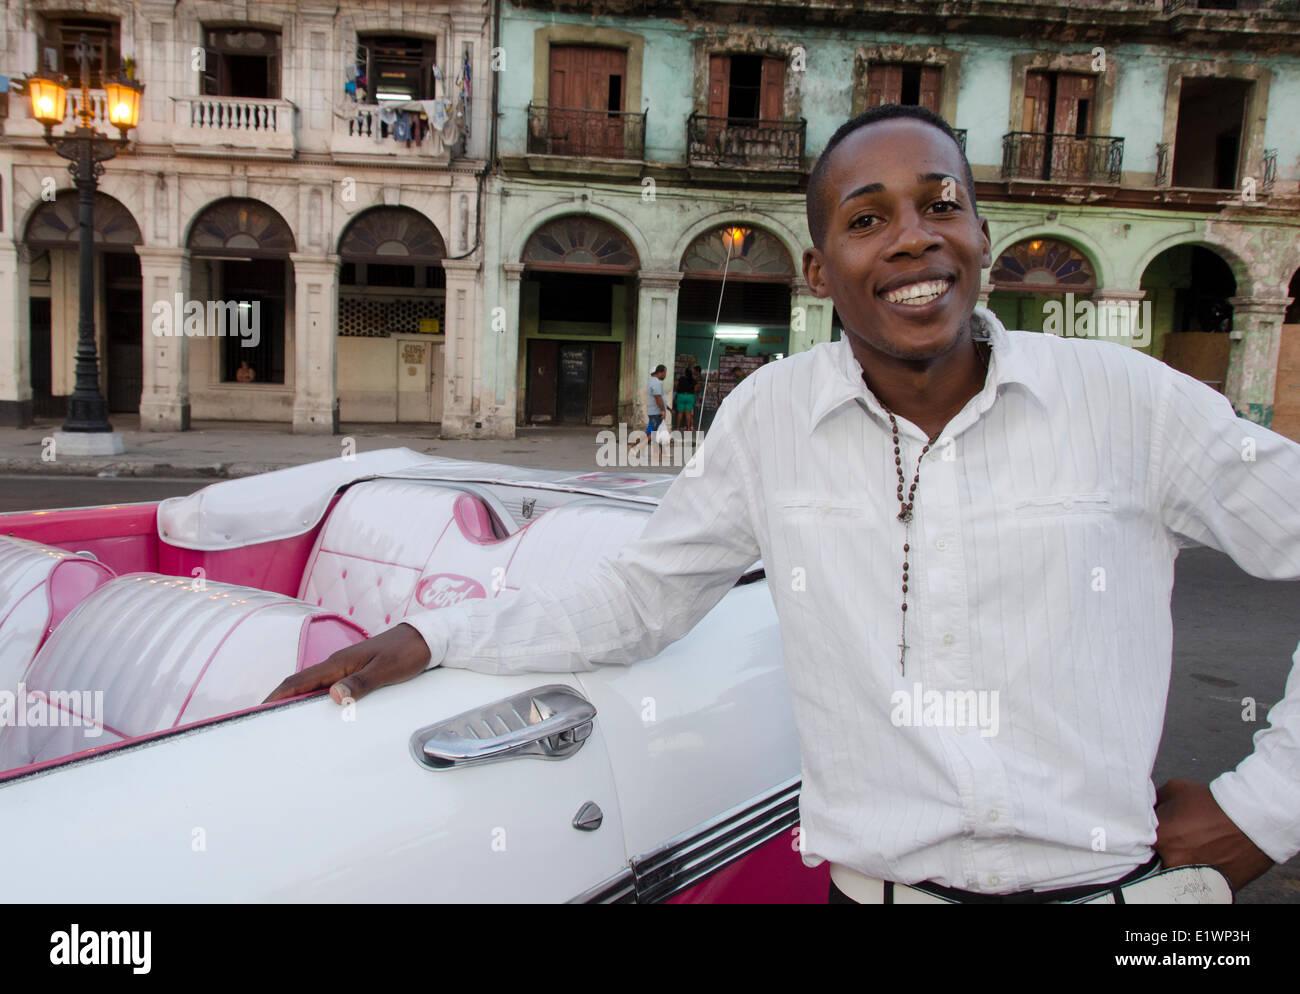 Fahranfänger kubanische und amerikanische Oldtimer und alte Fassaden, Havanna, CubaHavana, Kuba Stockbild